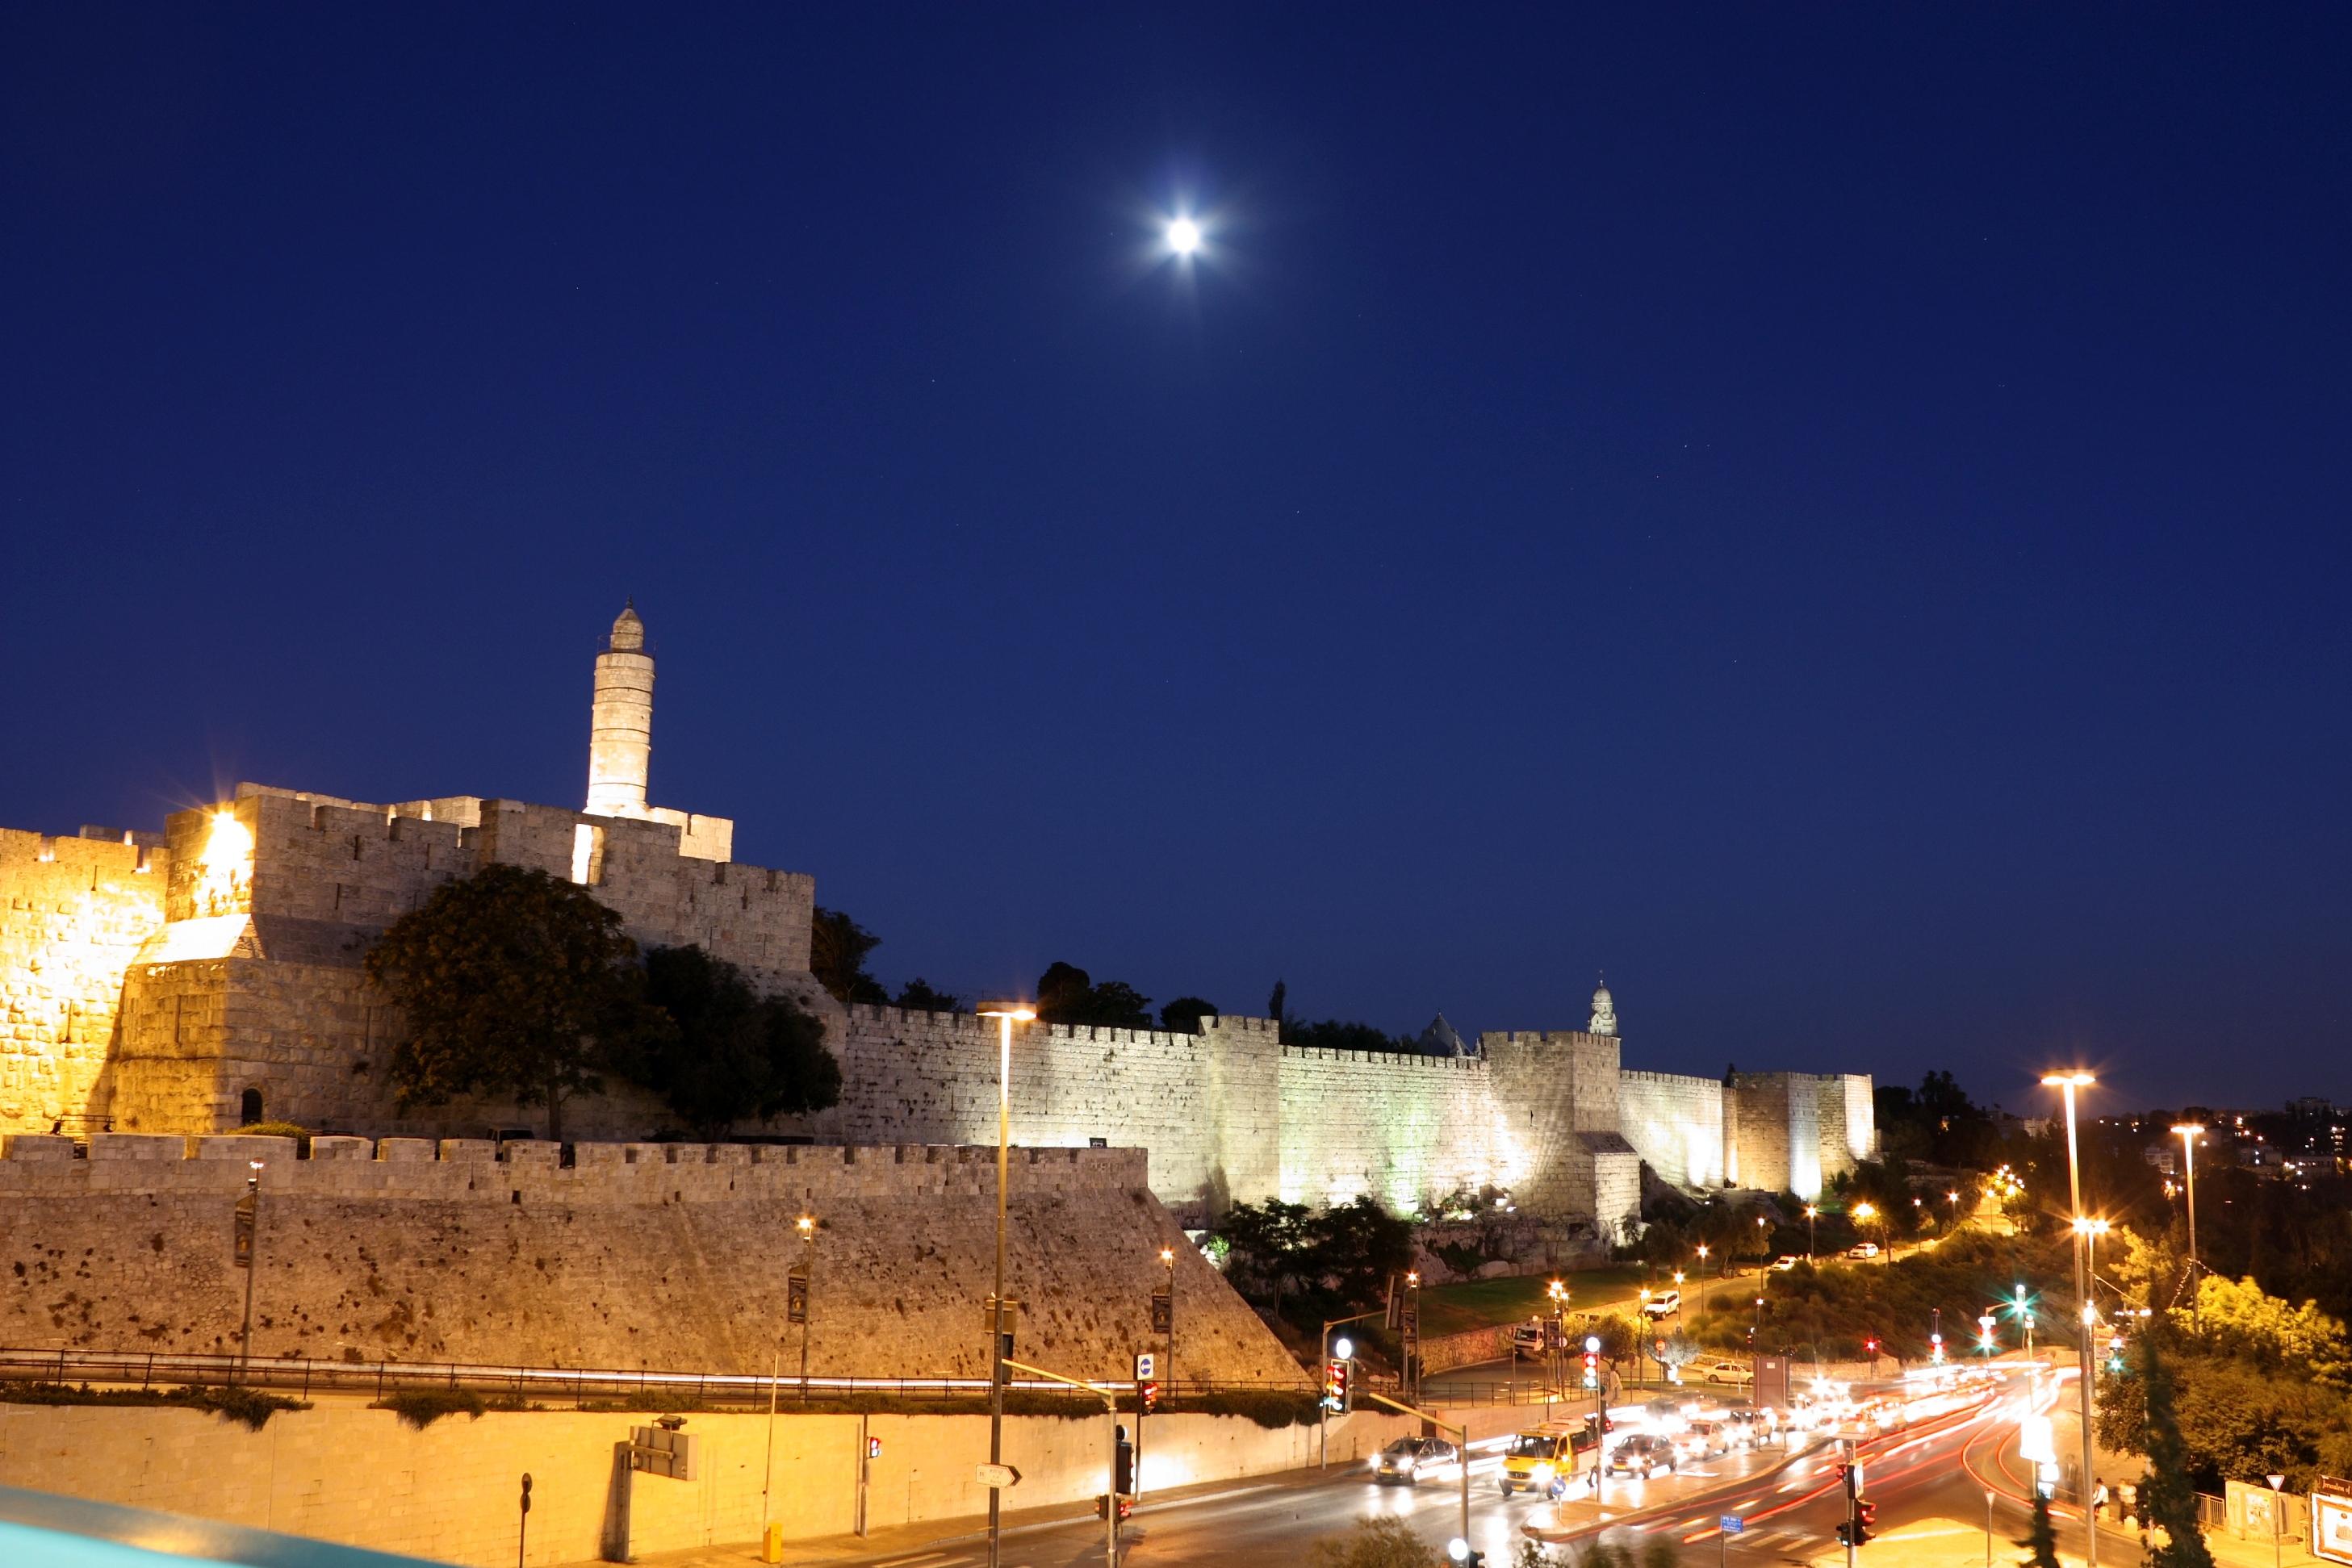 File:jerusalem Walls Night 3